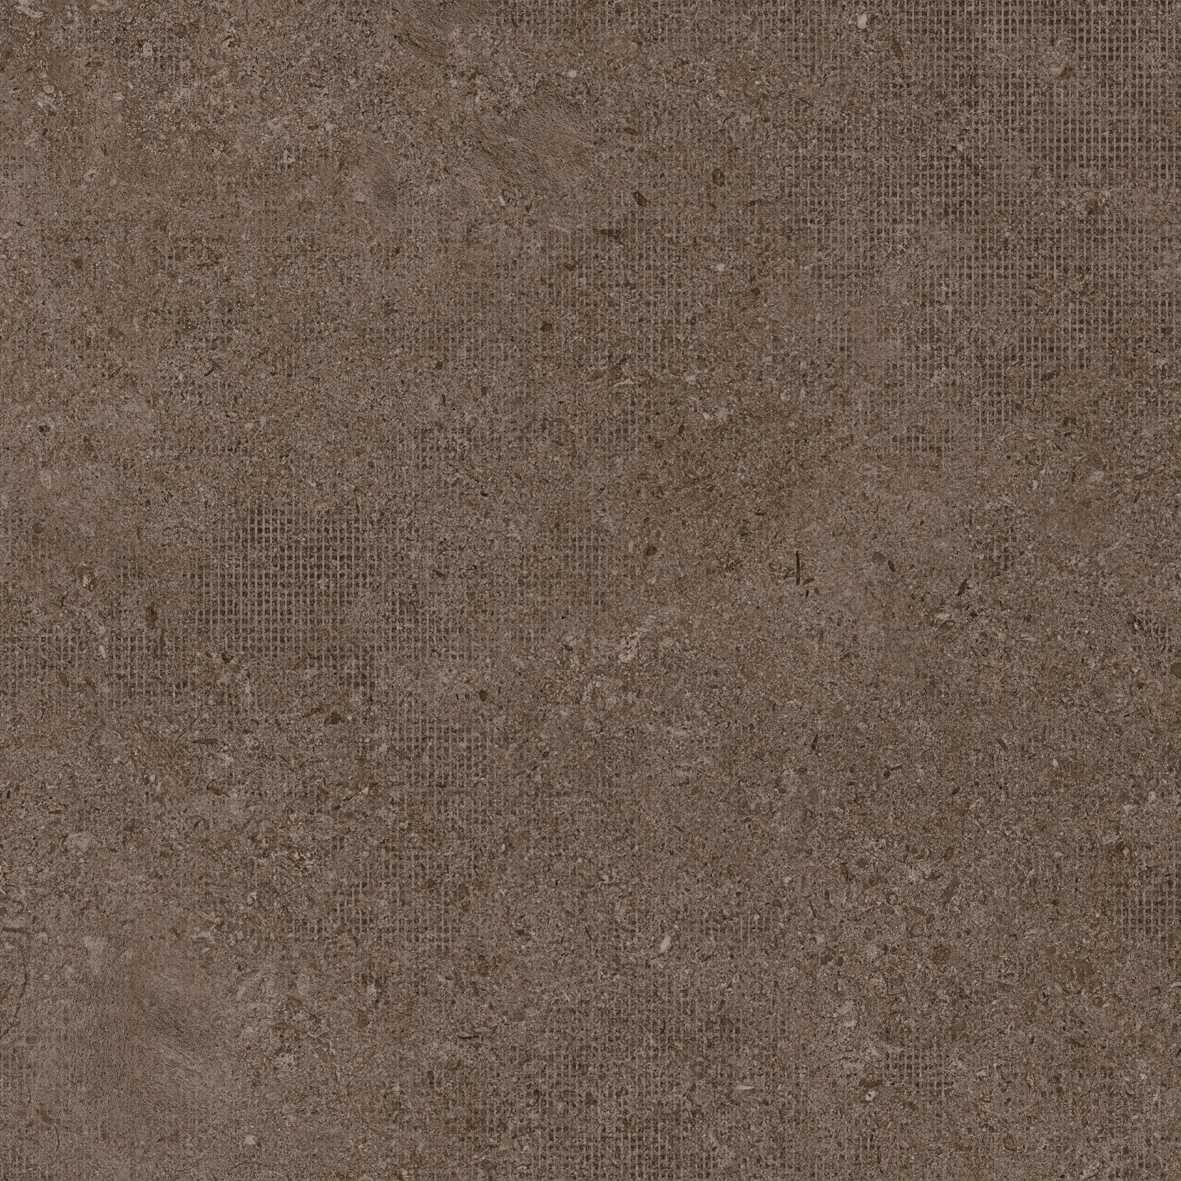 Variasi Aspen Gris  OutdoorOutdoor FlooringOutdoor Floor Tiles 3